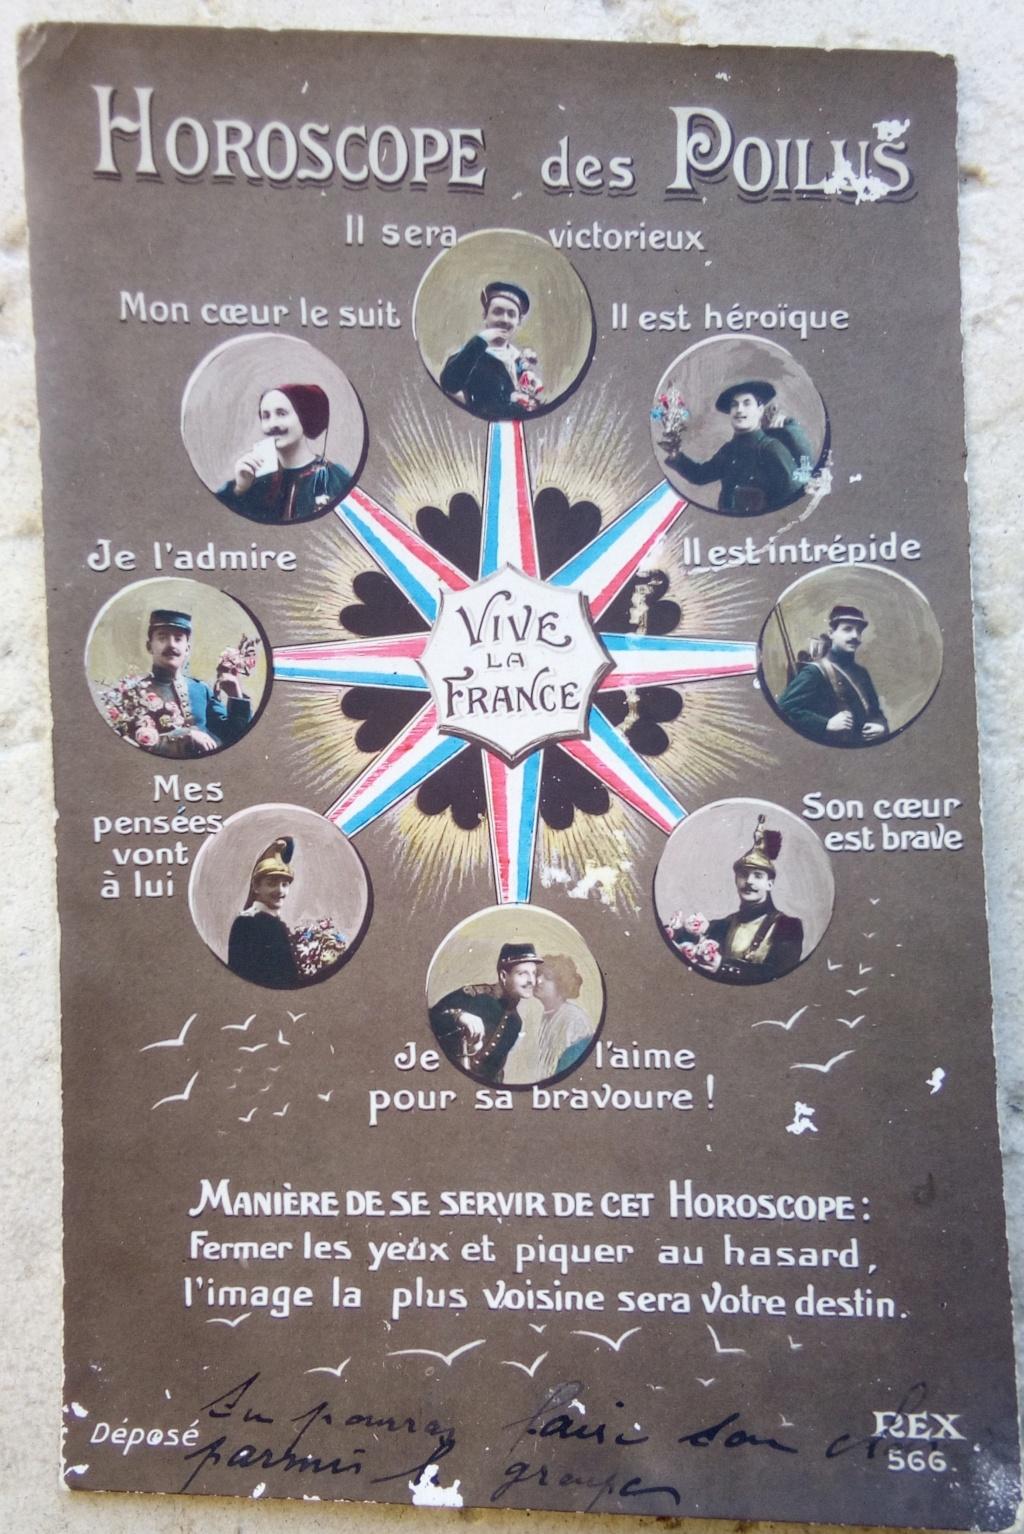 Cartes postales patriotiques françaises de la Grande Guerre - recensement - Page 2 Img_2813